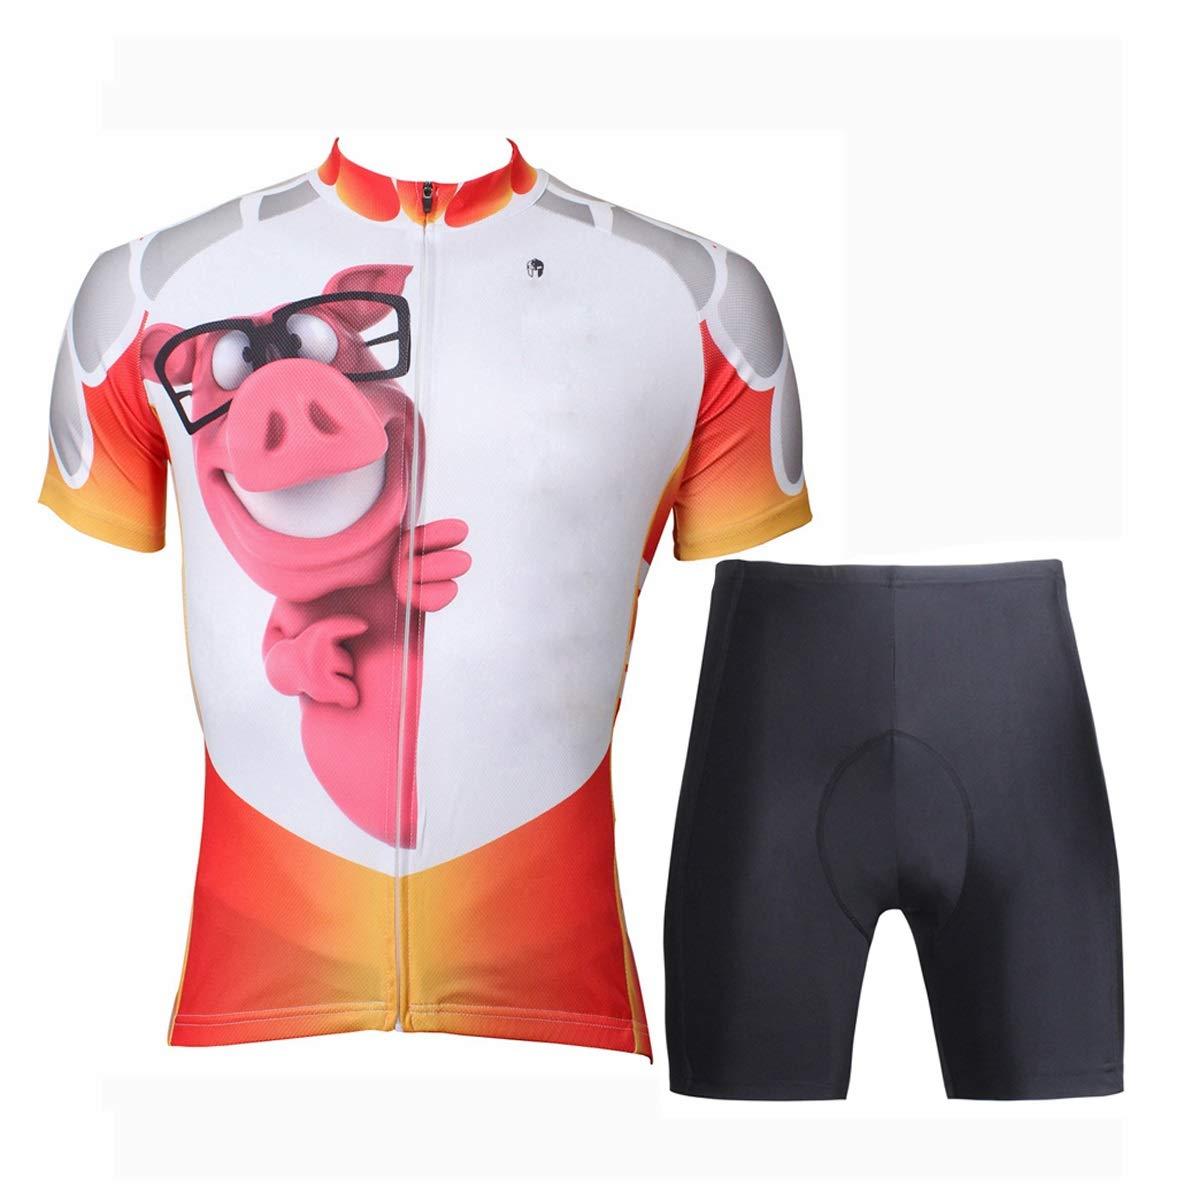 Fahrrad Reitanzug Frühjahr und Sommer Jacken Freizeitkleidung Fahrräder Mountainbike Bekleidung Bike Jersey Fahrradtrikot LPLHJD